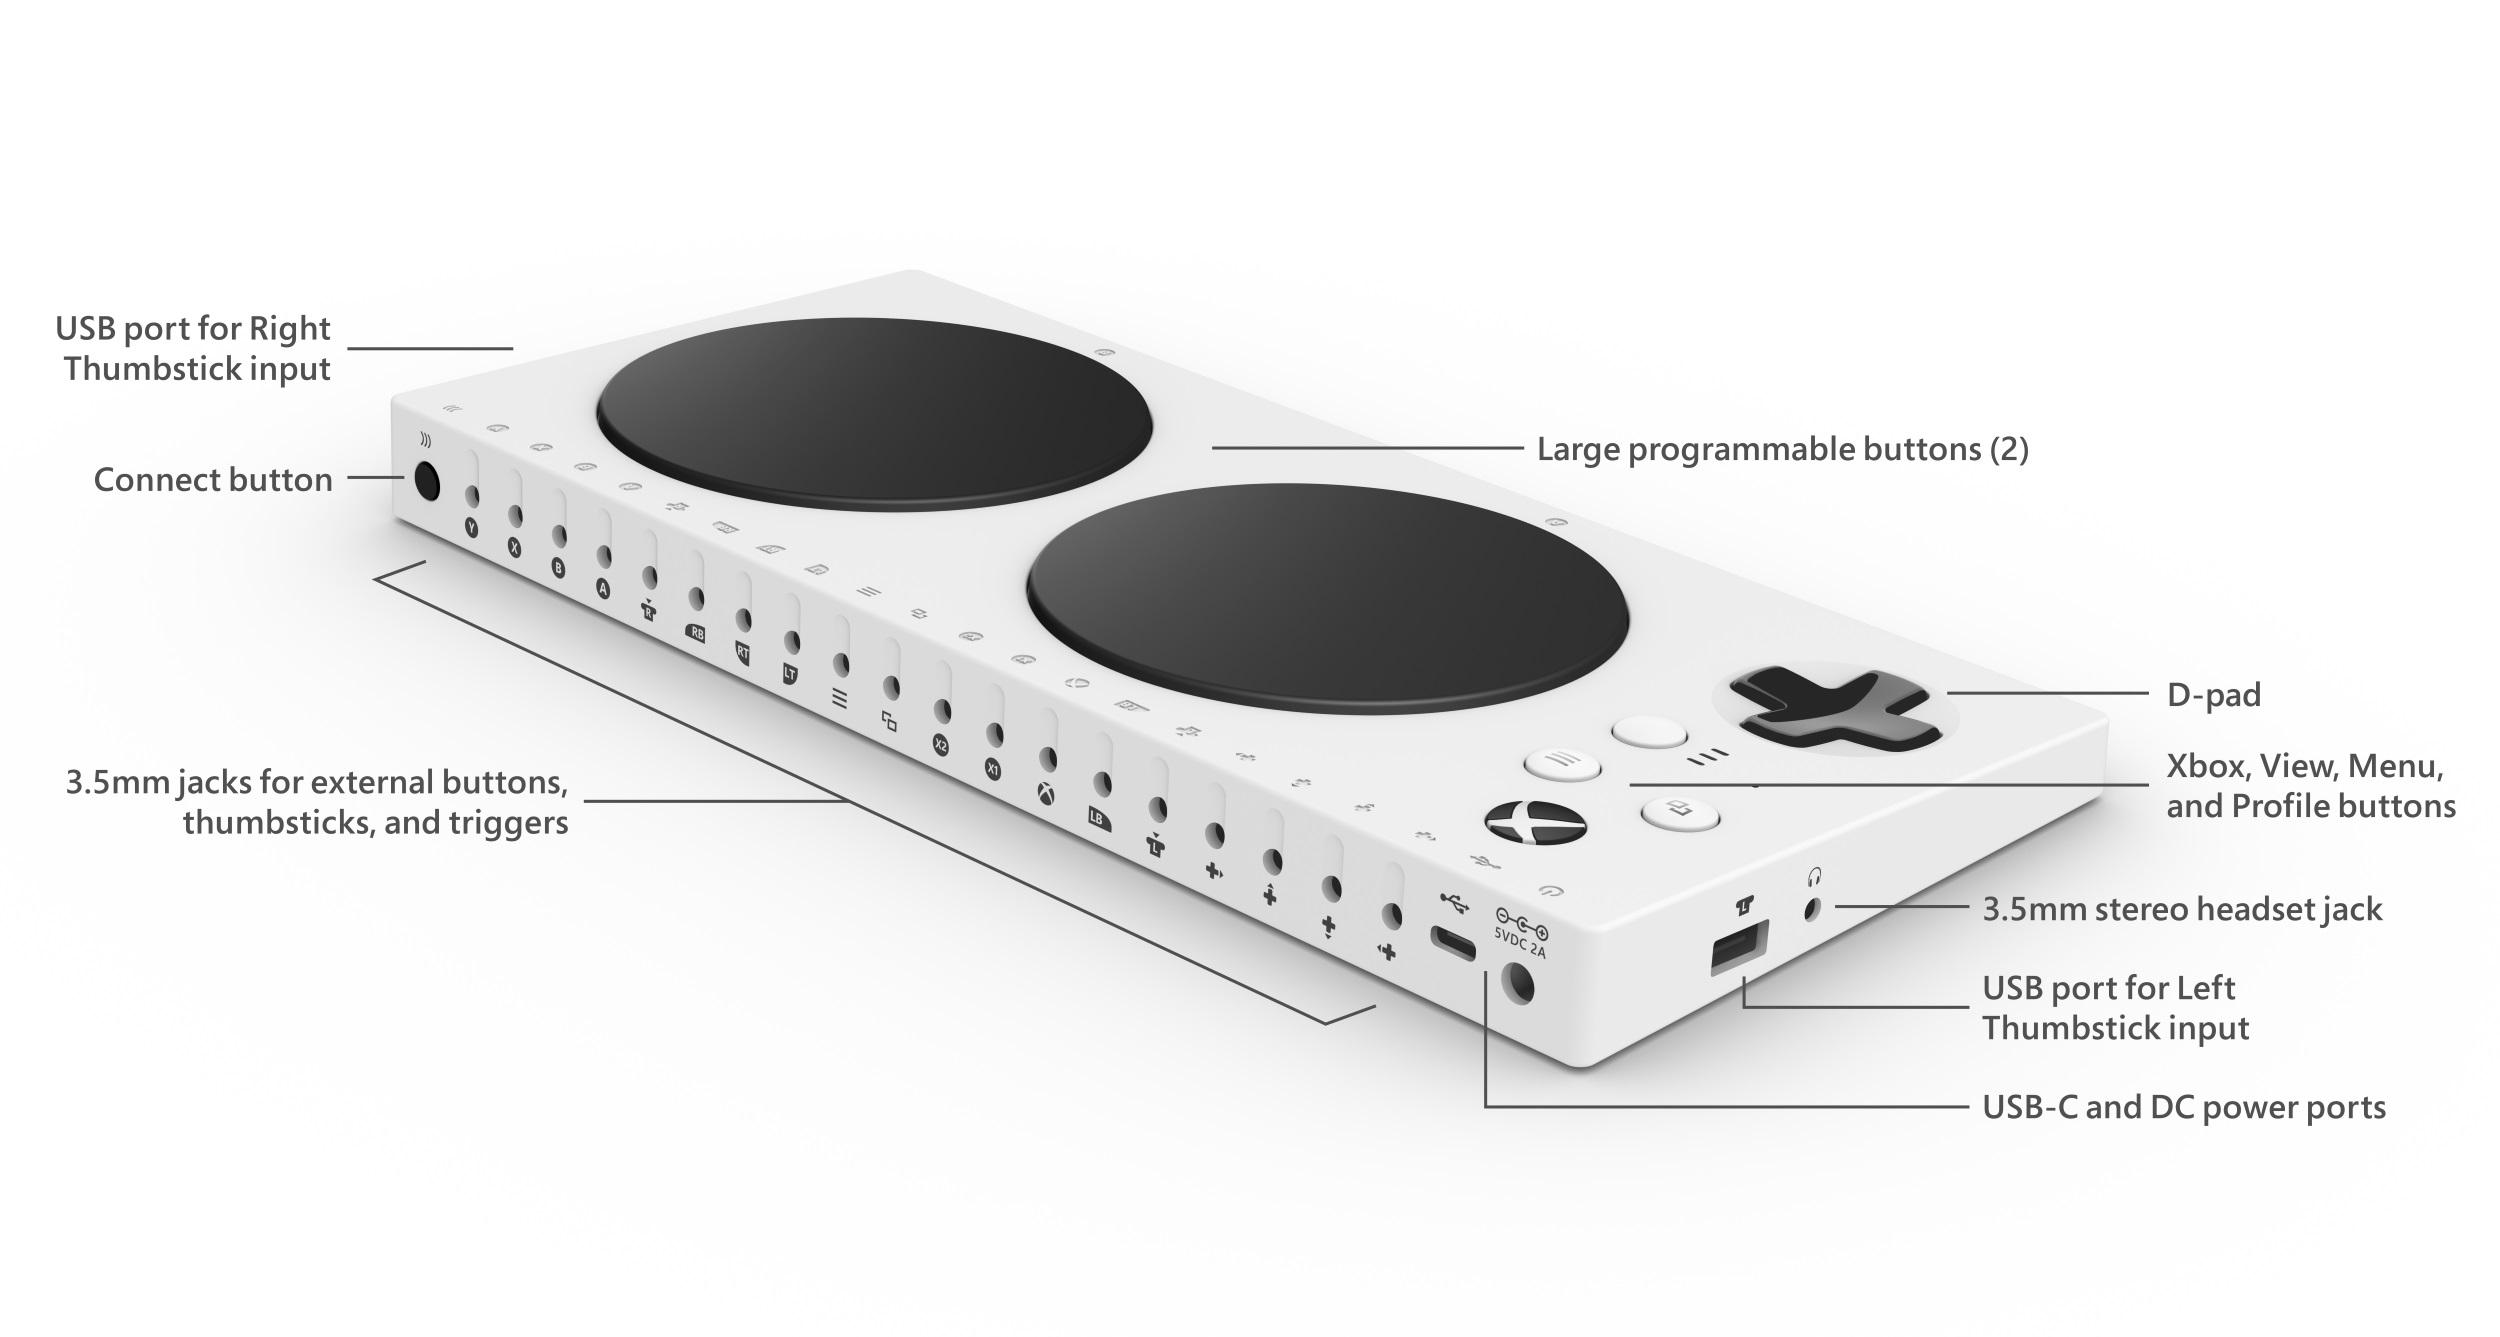 Xbox Adaptative Controller coloca a acessibilidade em primeiro plano